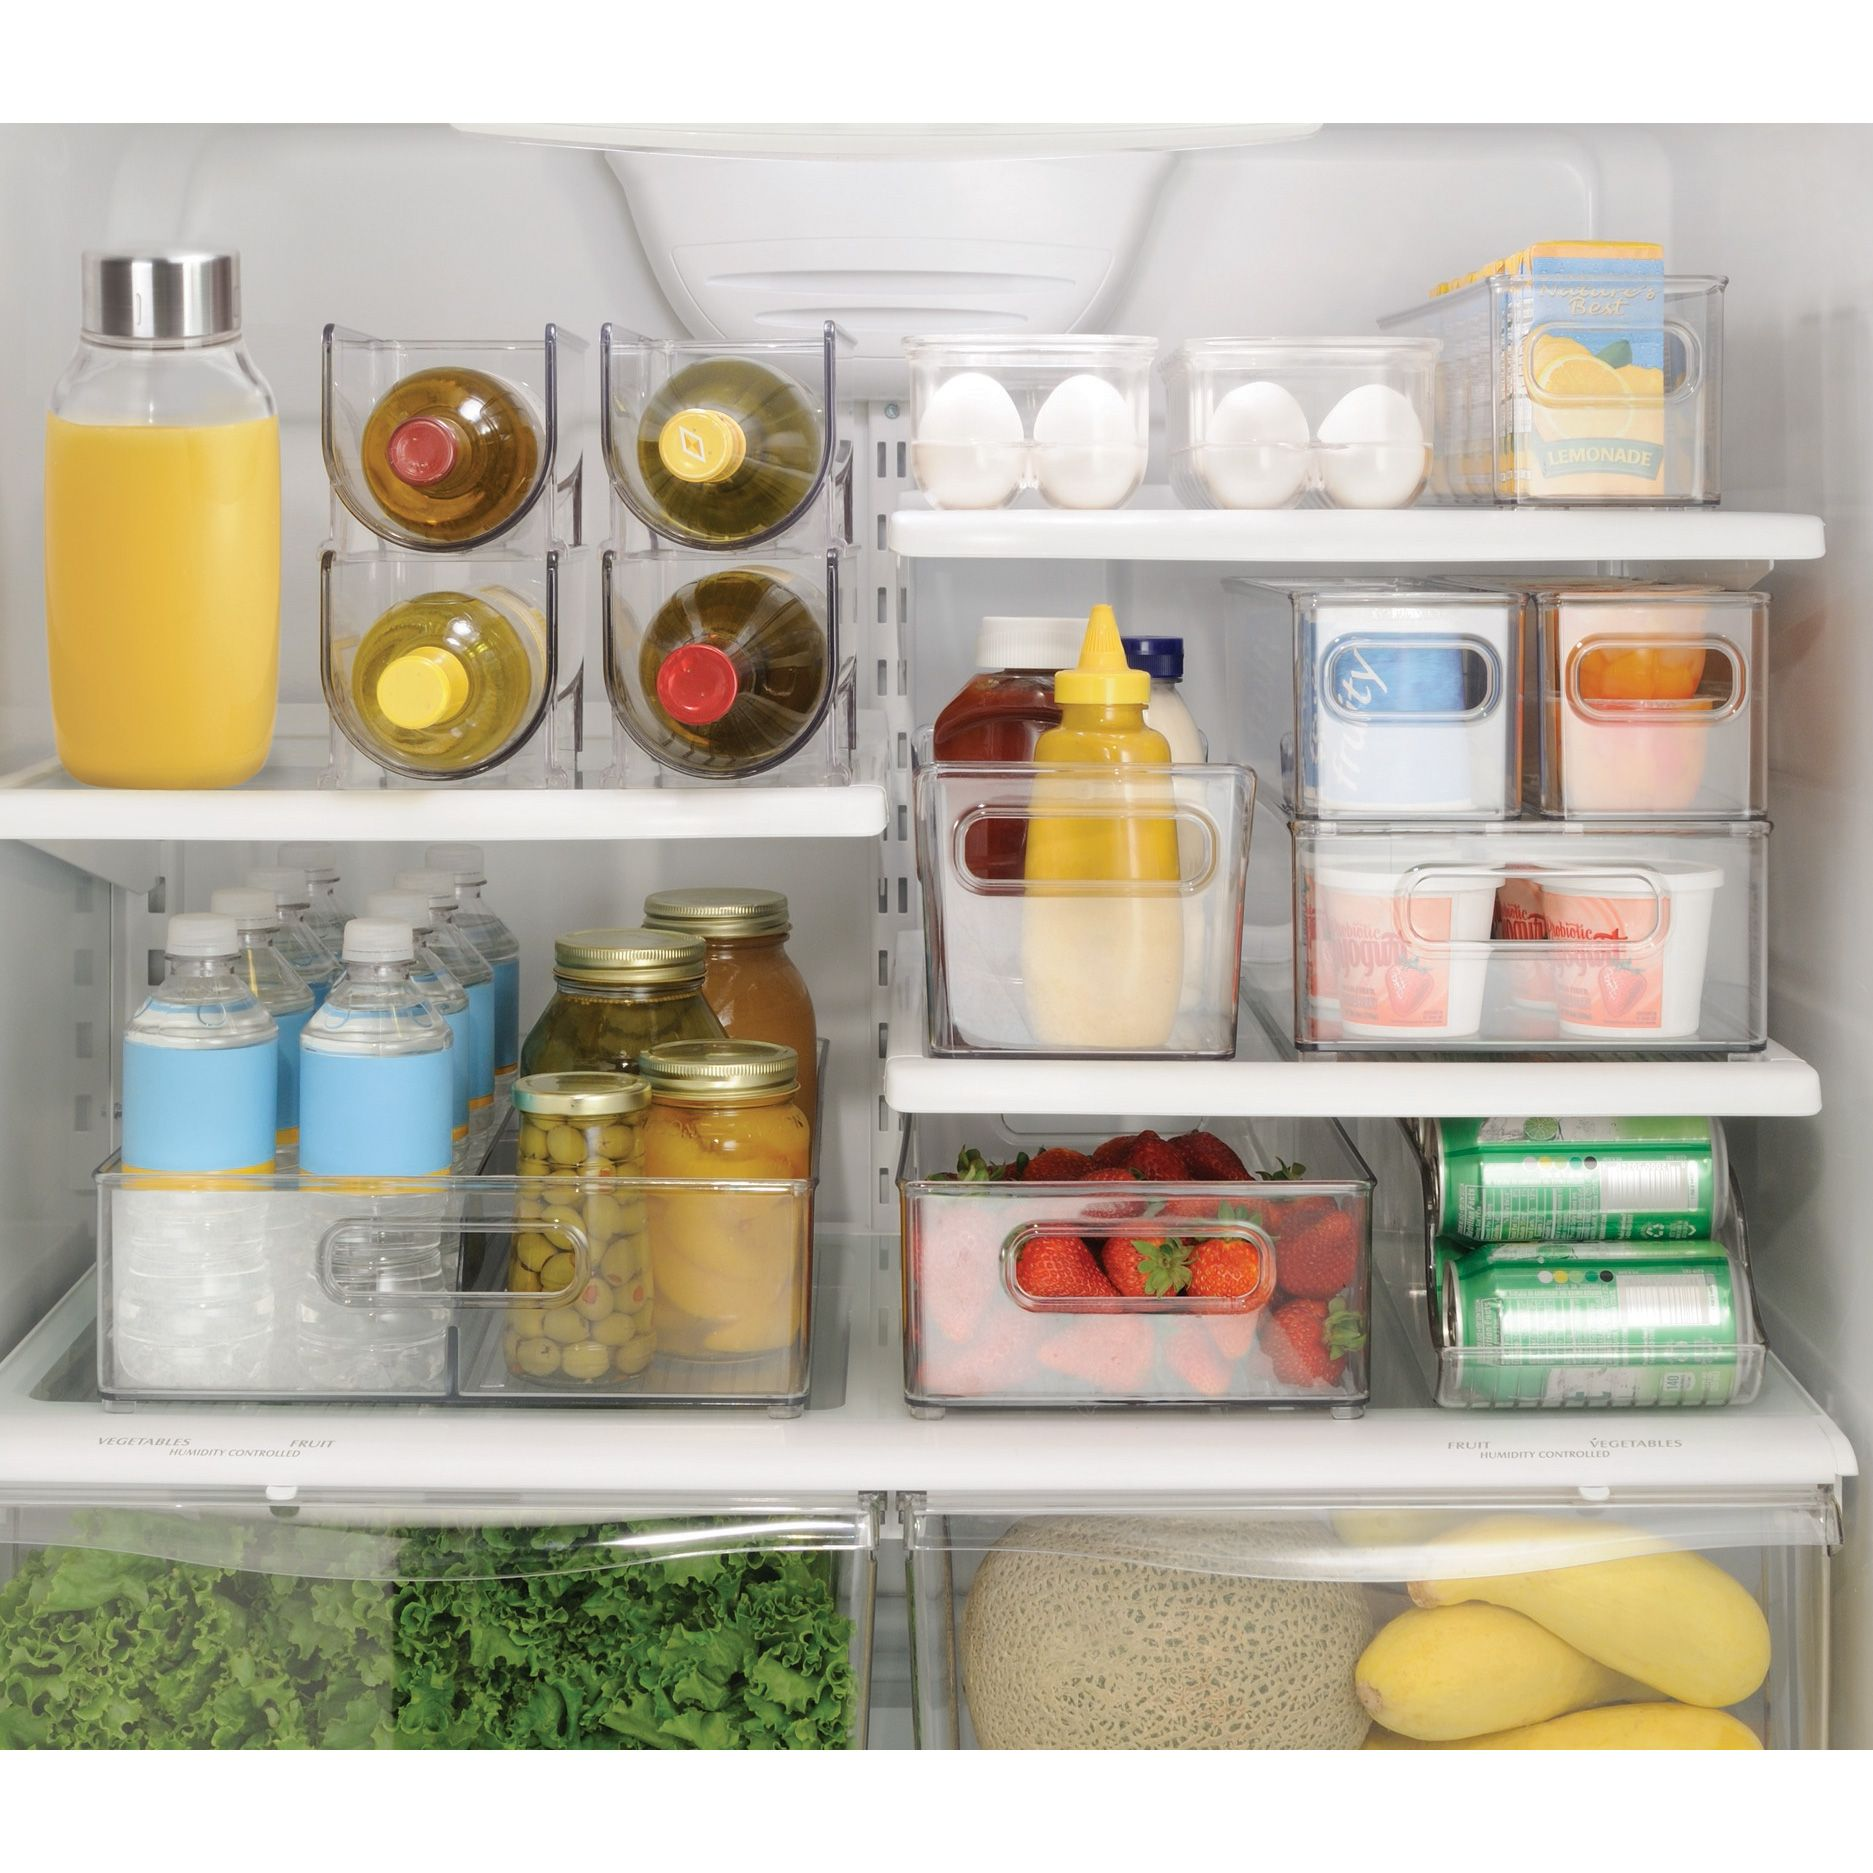 Boite Rangement Refrigerateur Recherche Google Refrigerator Organization Fridge Organization Freezer Storage Organization